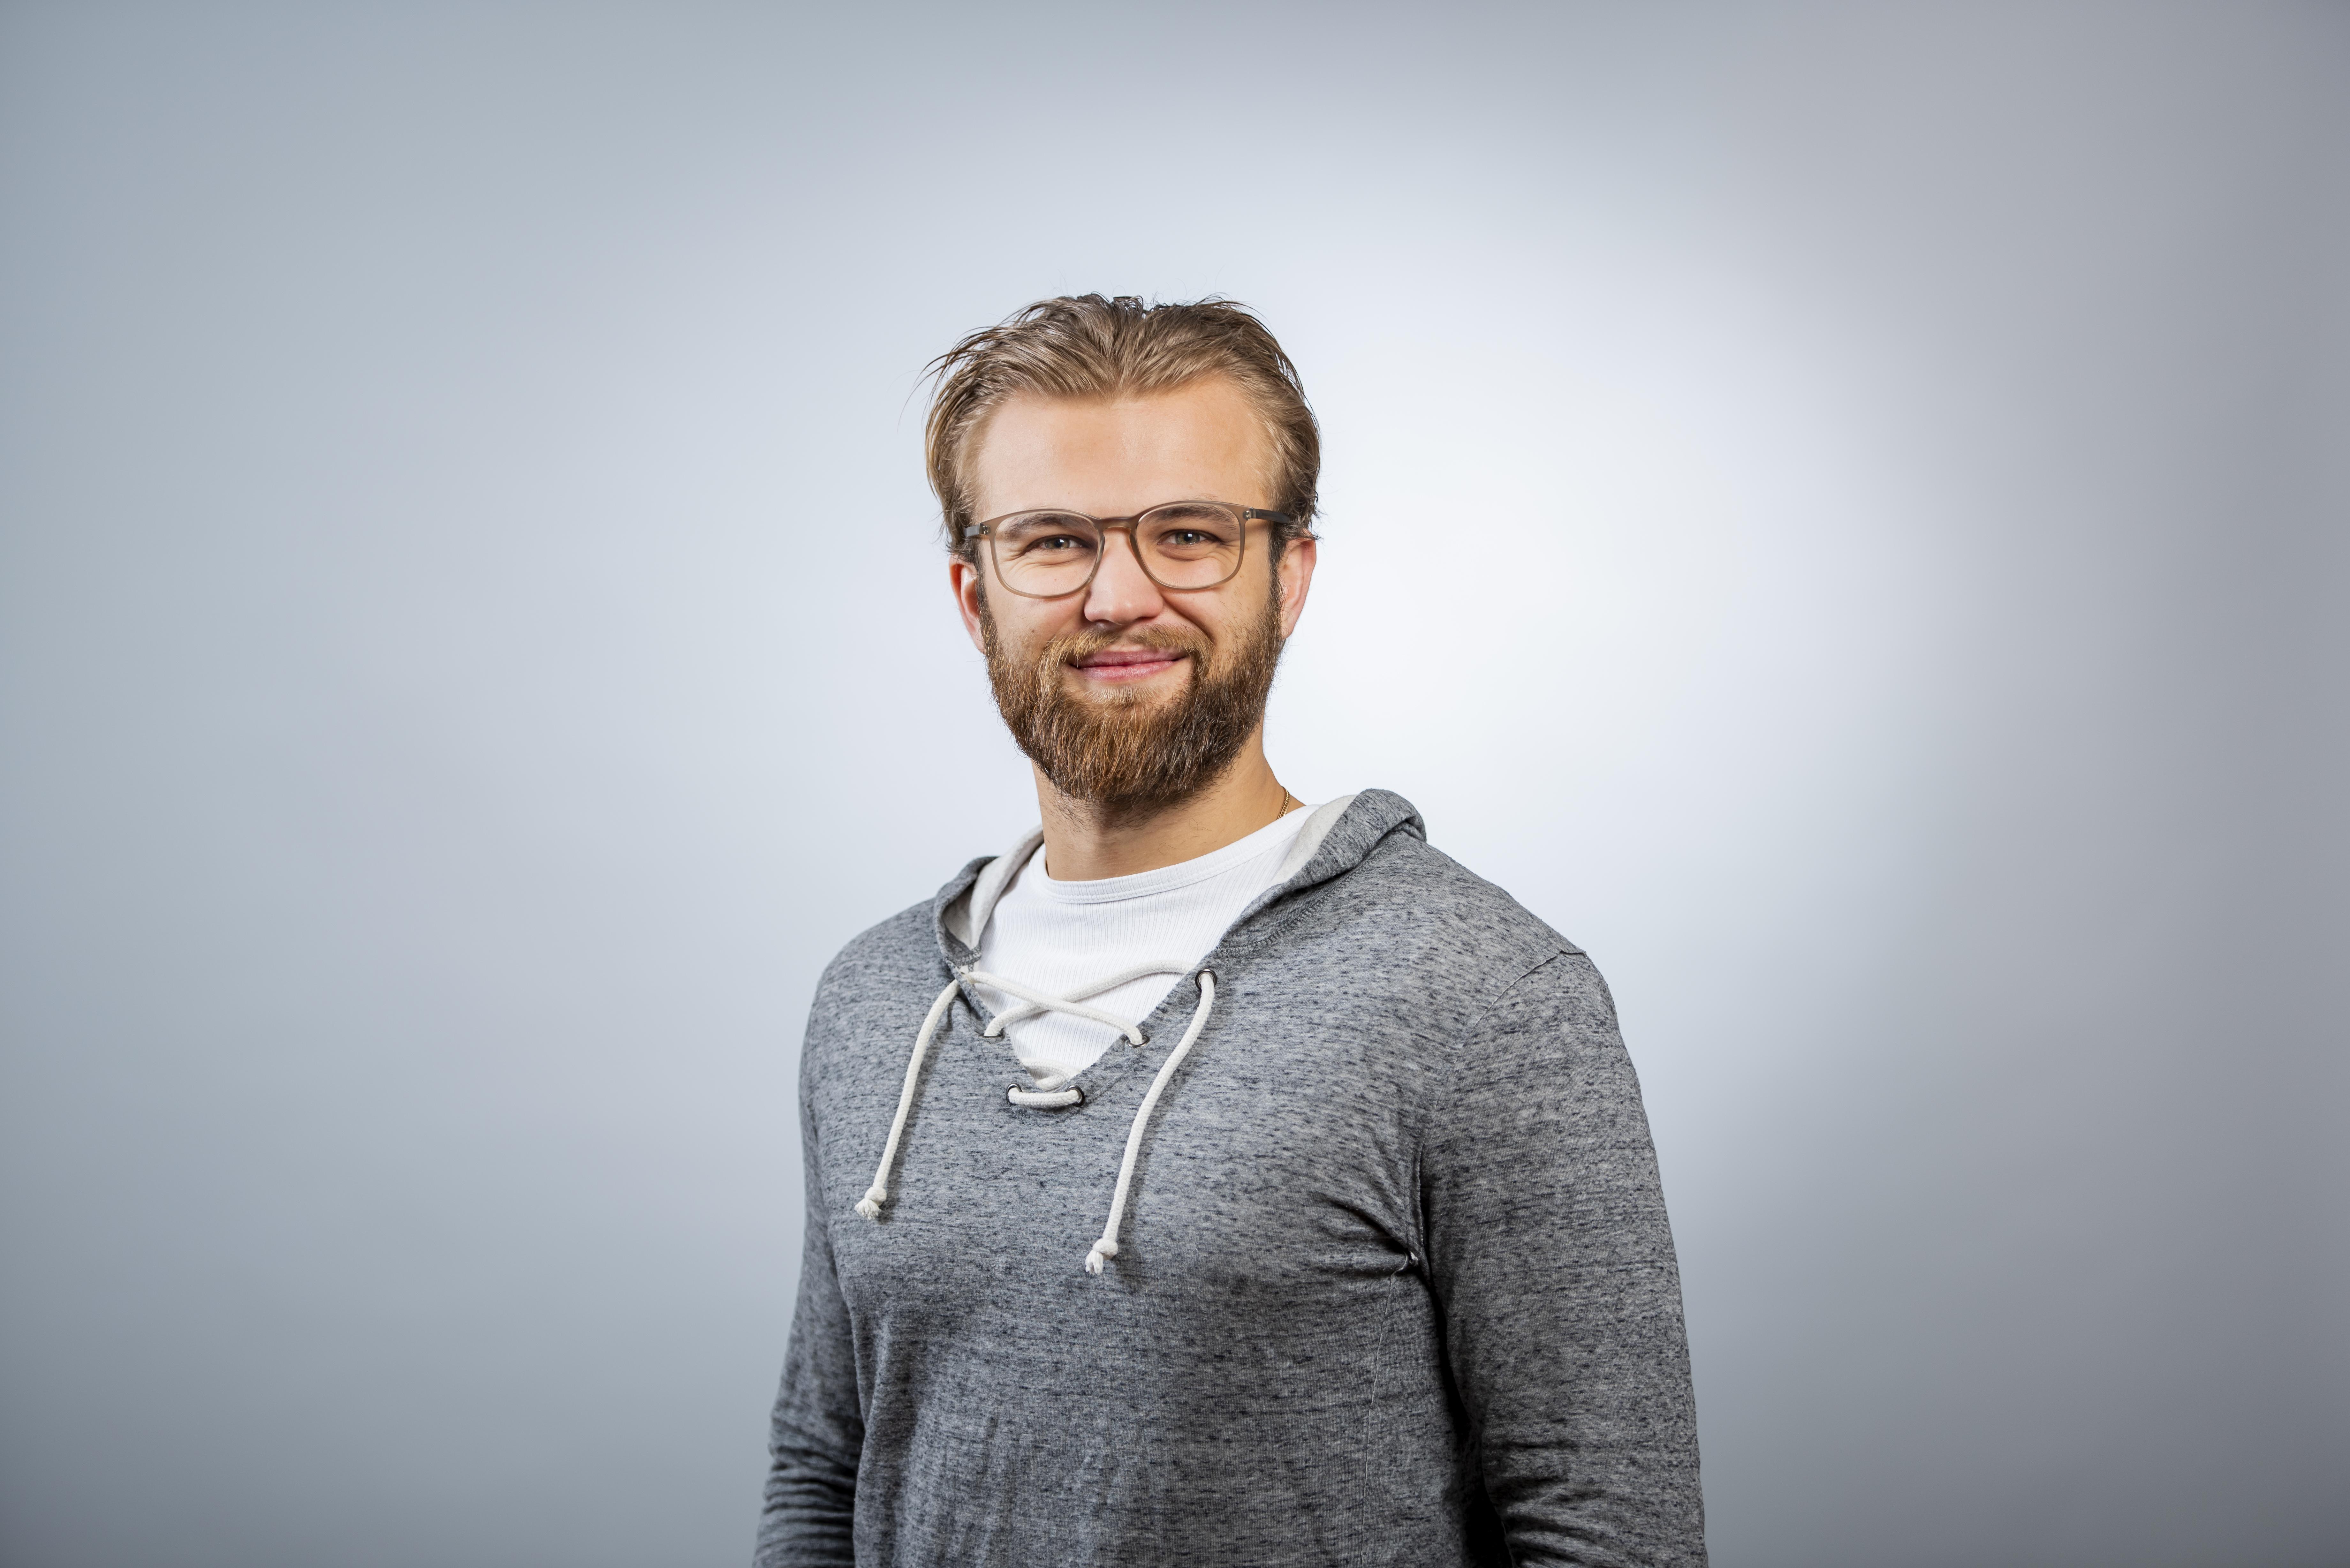 Sascha Sychov, Bereichsleiter Digitalisierung, Finanz Colloquium Heidelberg GmbH